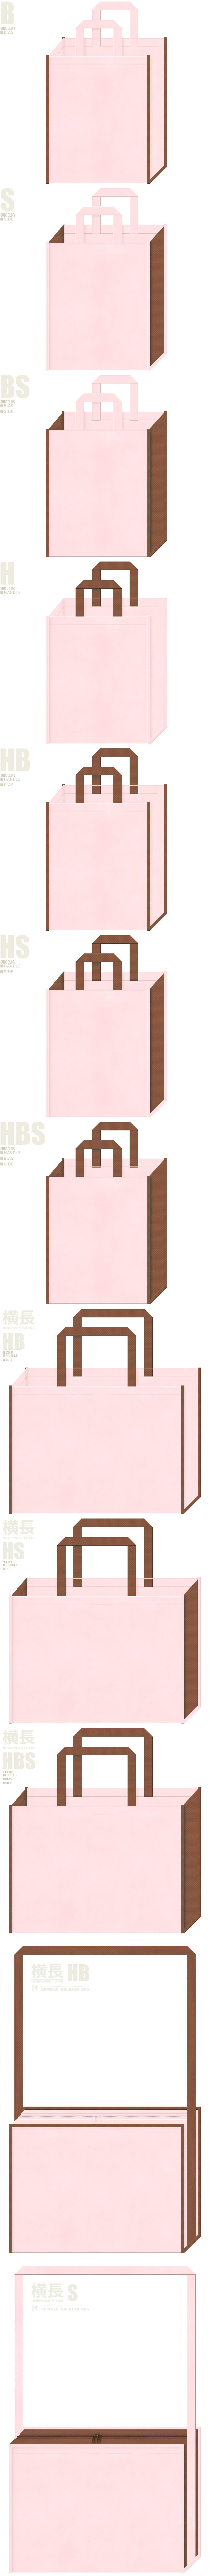 ガーリーデザイン・ベアー・おとぎ話・絵本のイメージにお奨めの不織布バッグデザイン:桜色と茶色の配色7パターン。